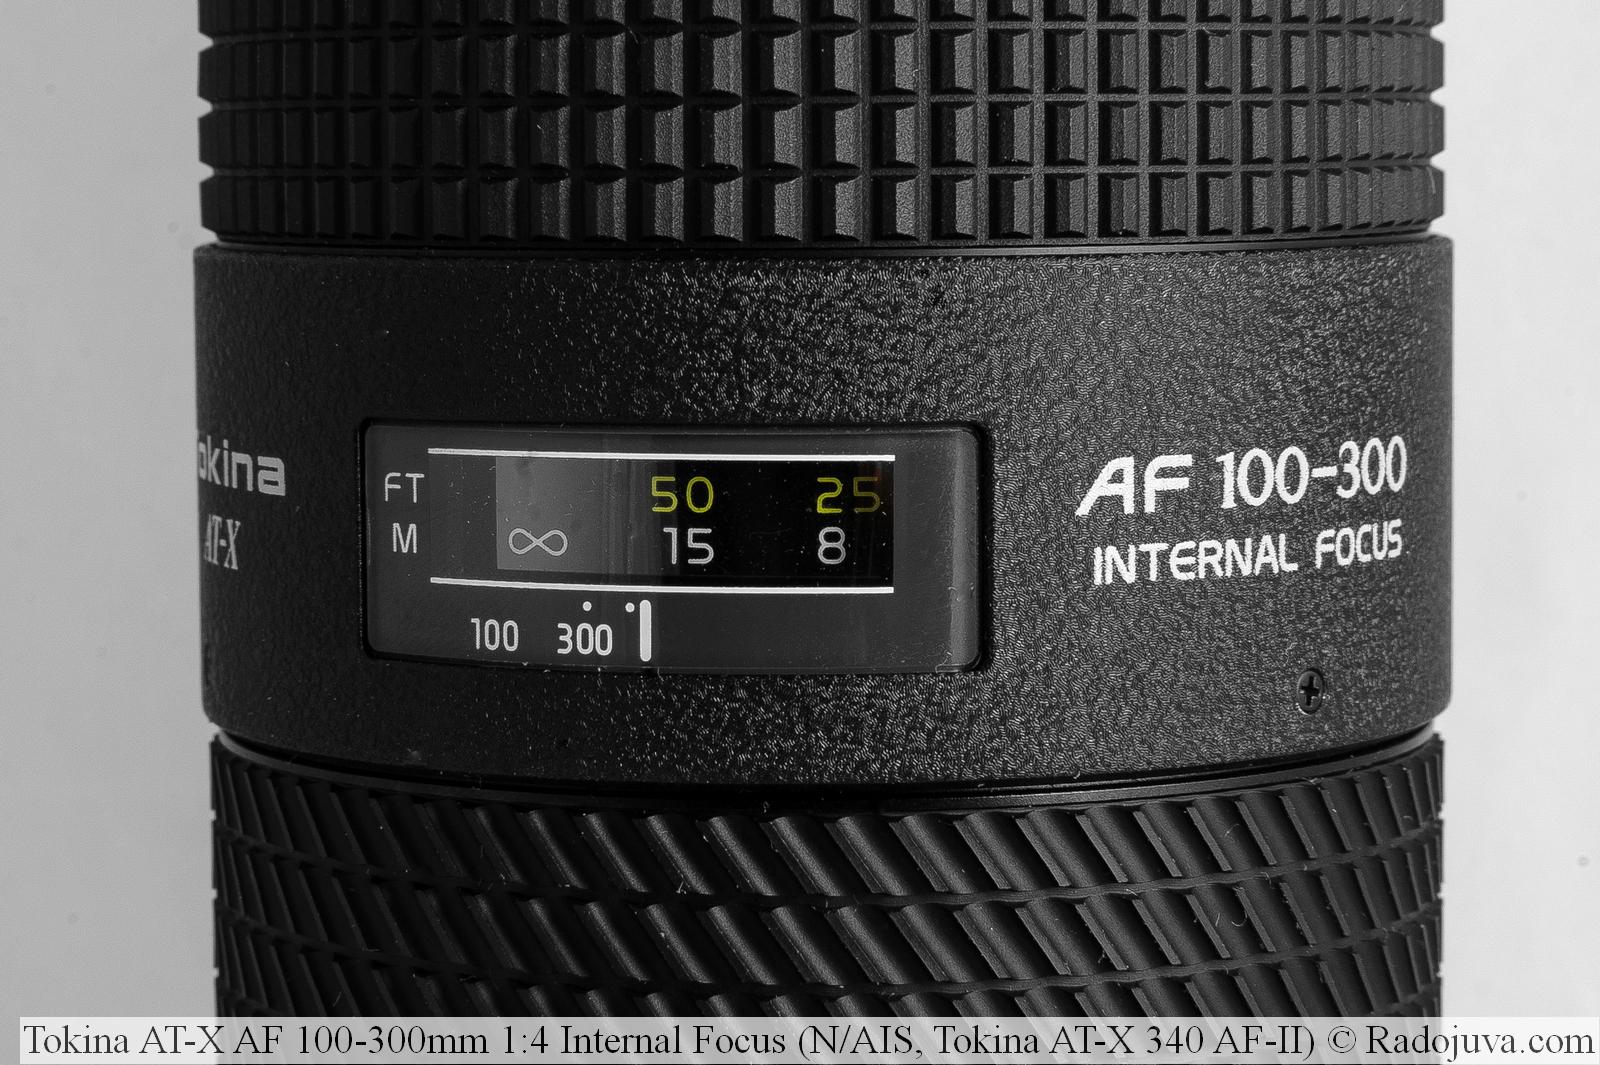 Tokina AT-X AF 100-300mm 1:4 Internal Focus (N/AIS, Tokina AT-X 340 AF-II)